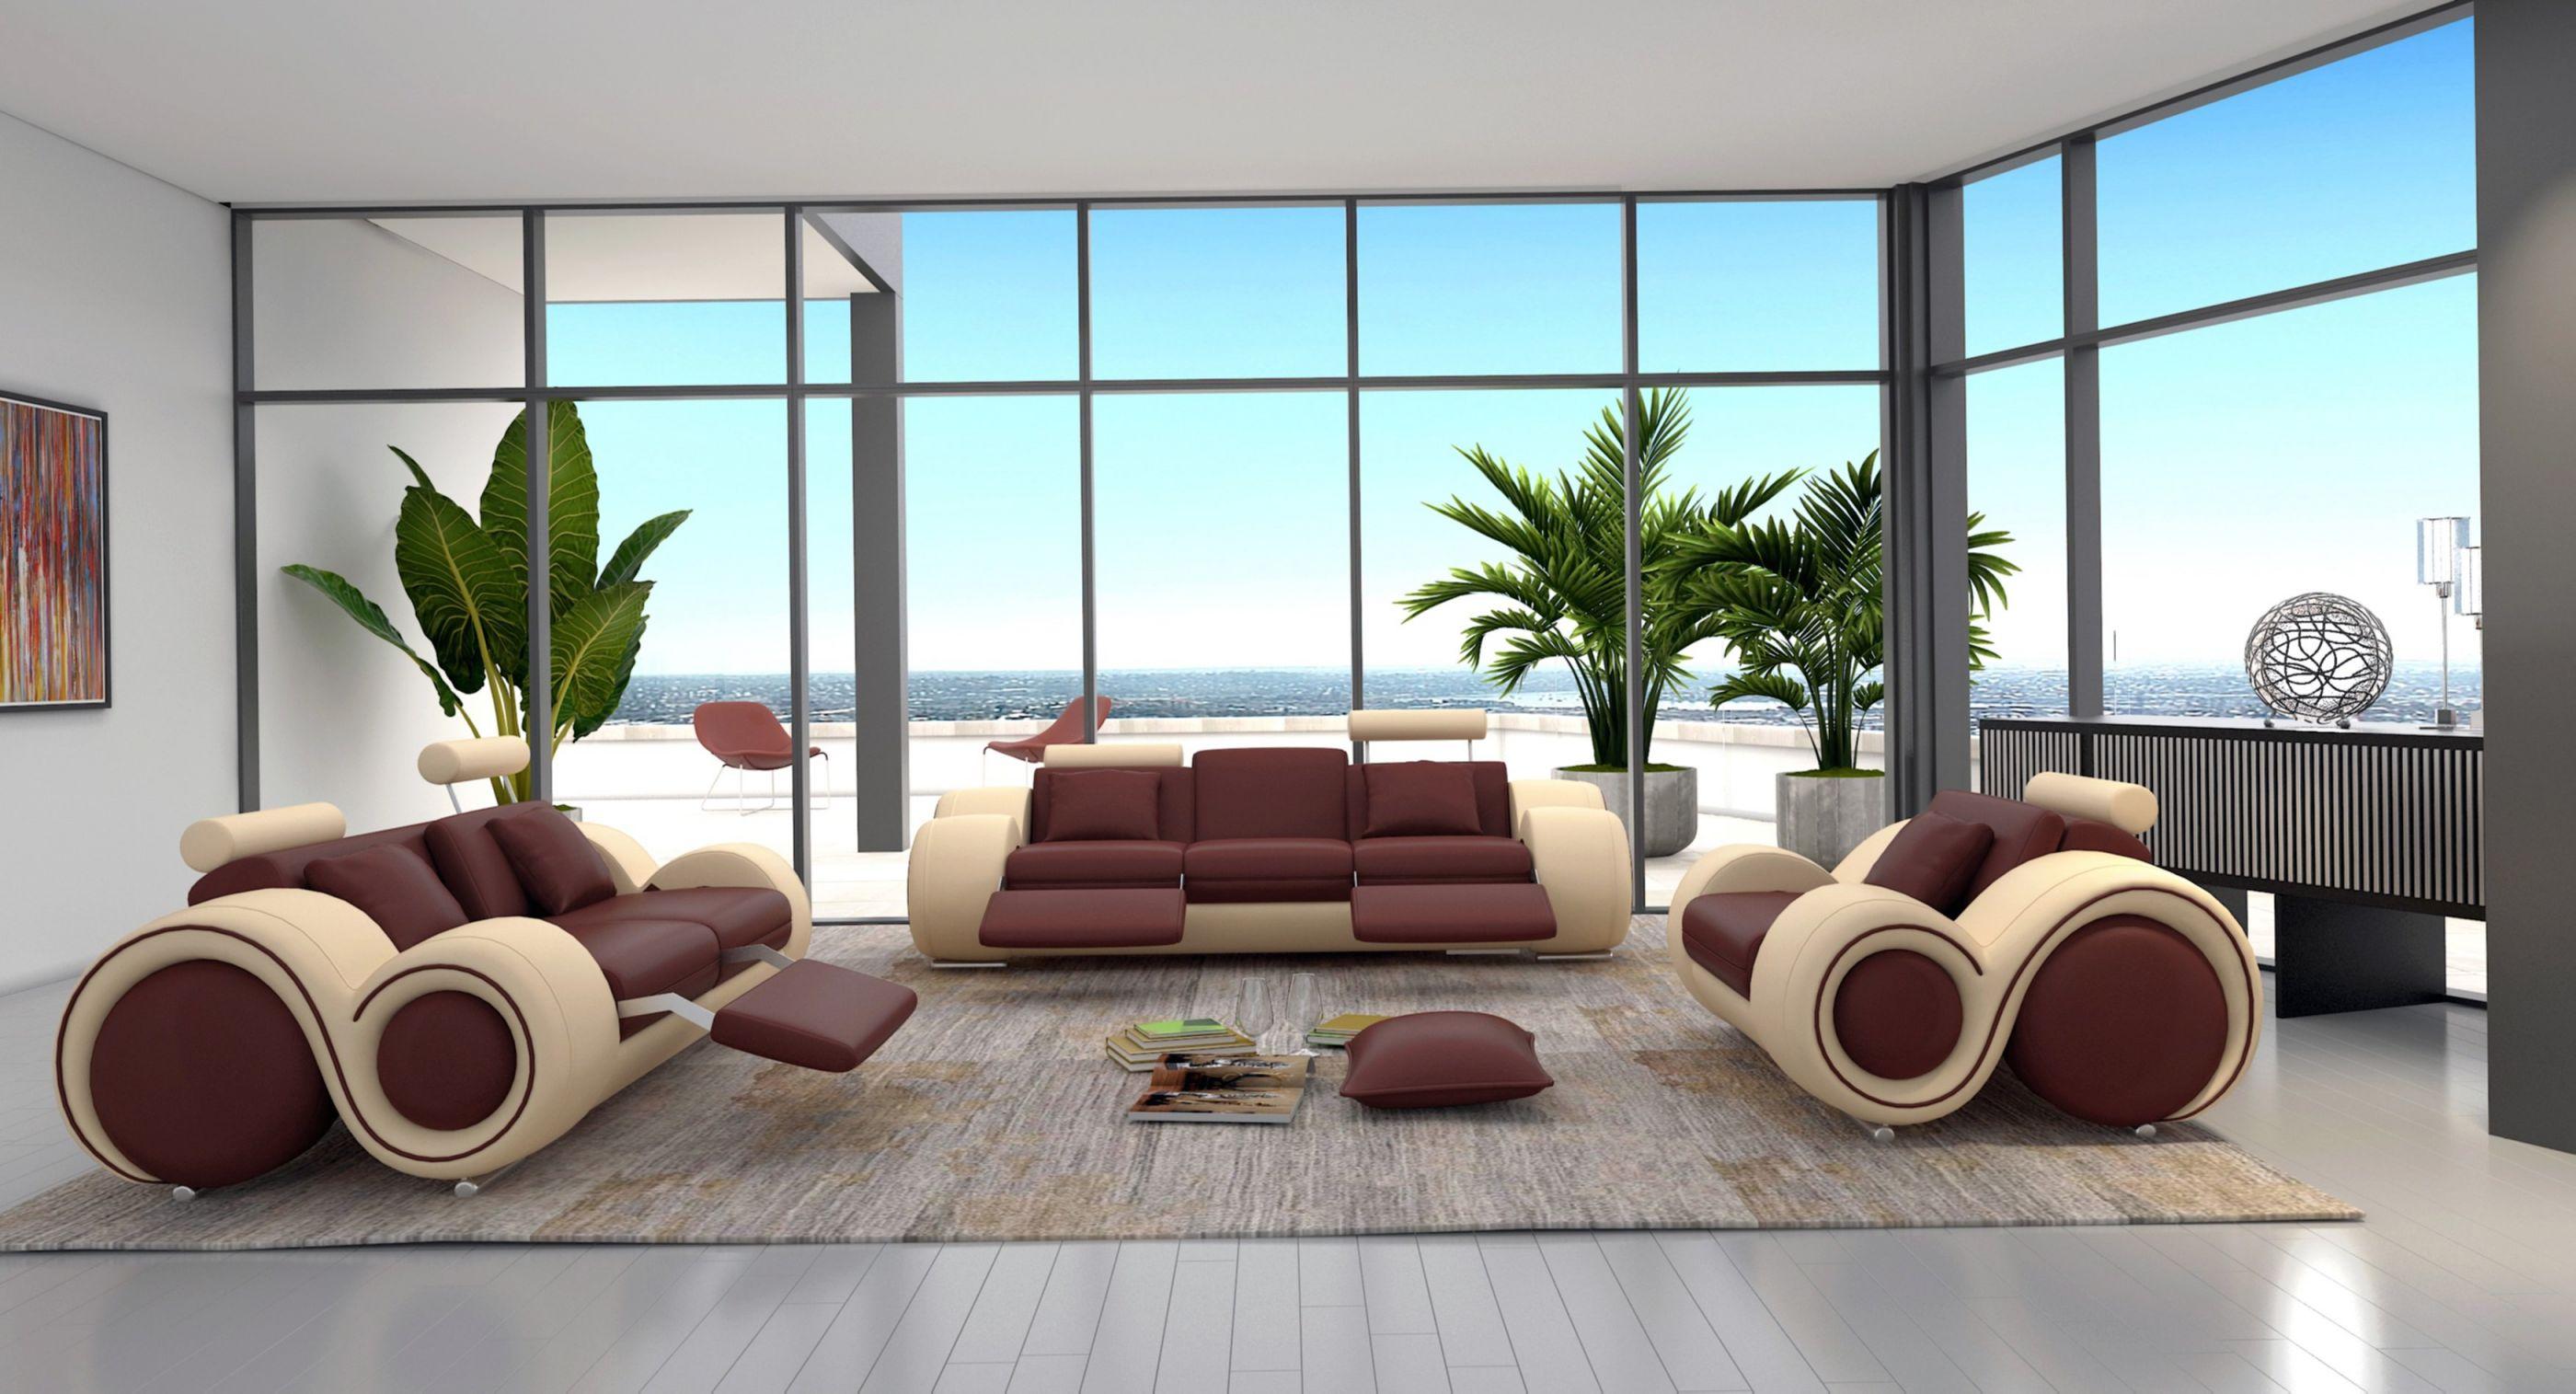 Orren Ellis Behr 3 Piece Leather Living Room Set & Reviews | Wayfair intended for Living Room Furniture Sets